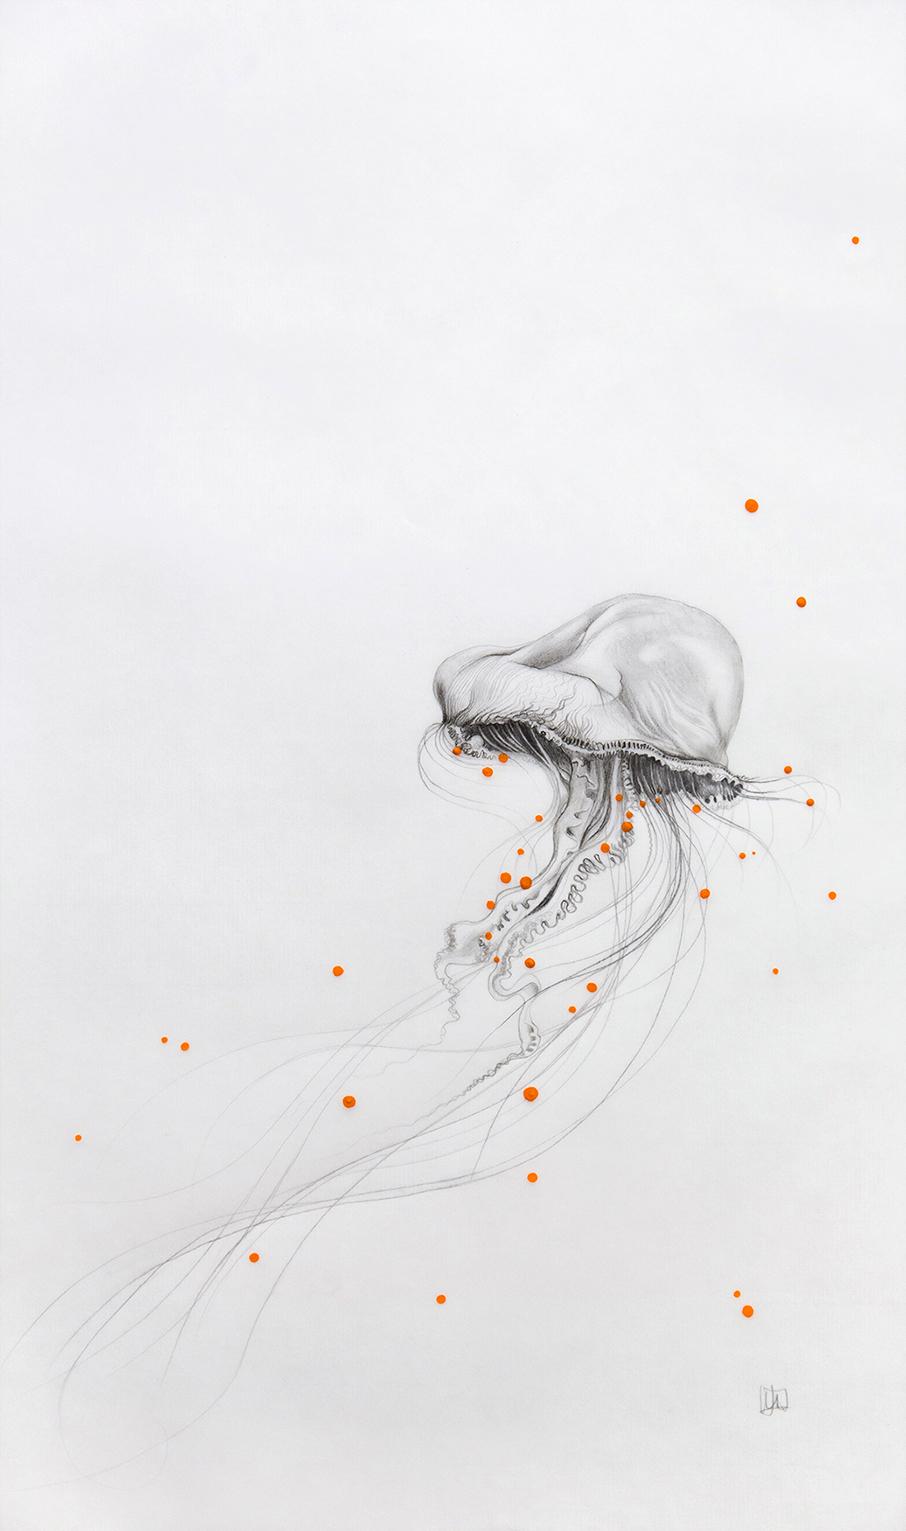 méduse-3